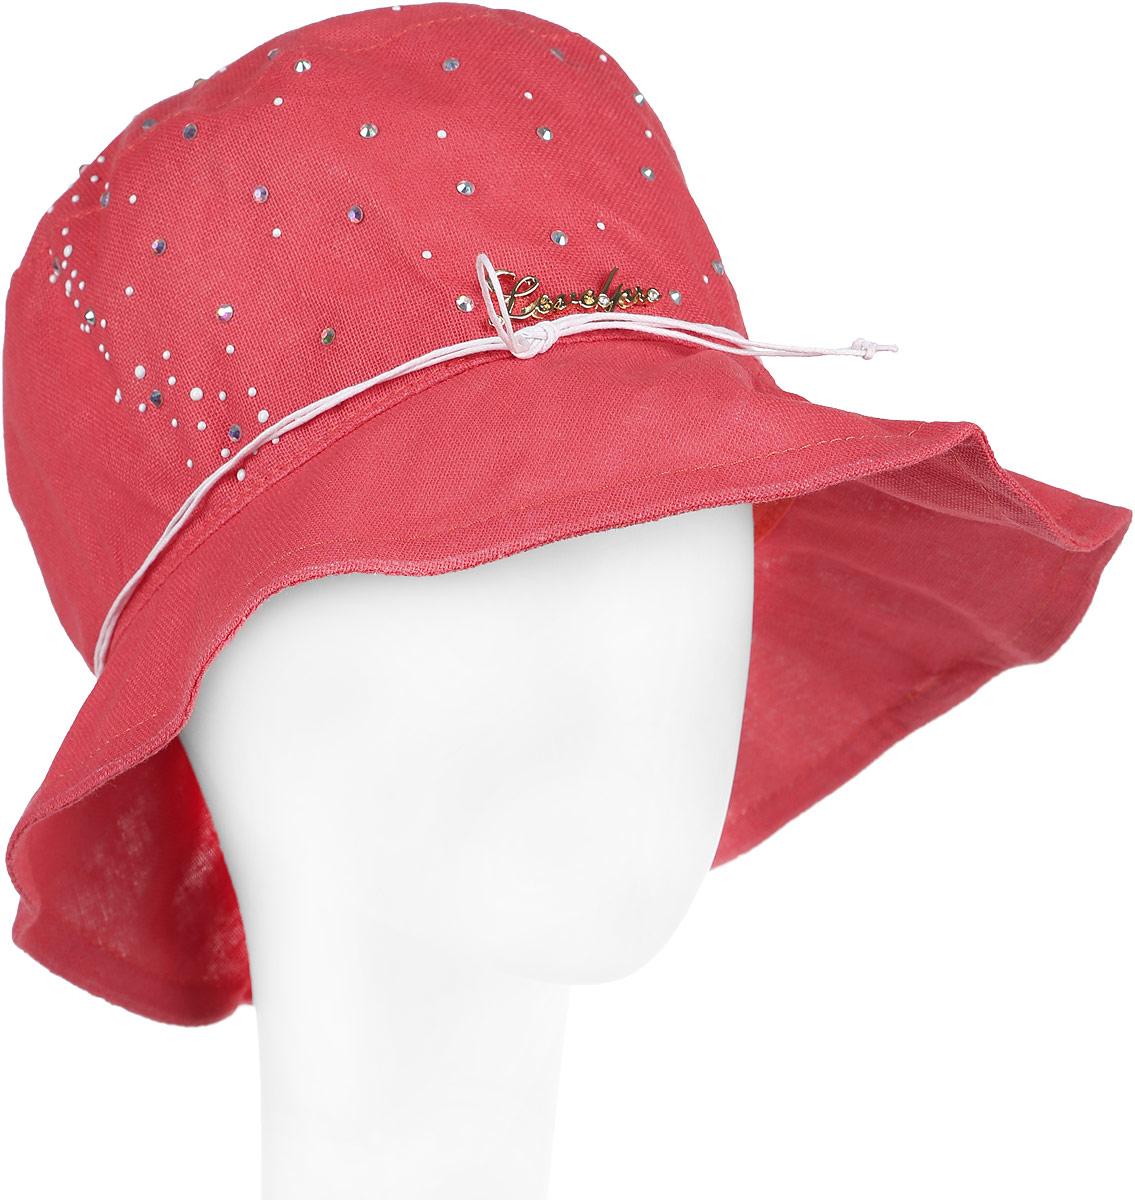 Шляпа женская Level Pro, цвет: коралловый. 381153. Размер 56/58381153Элегантная женская шляпа Level Pro выполнена из натурального льна. Модель с невысокой тульей и загнутыми вниз полями,по тулье оформлена тонким шнурком и сбоку логотипом бренда. Тулья изделия оформлена кристаллами.